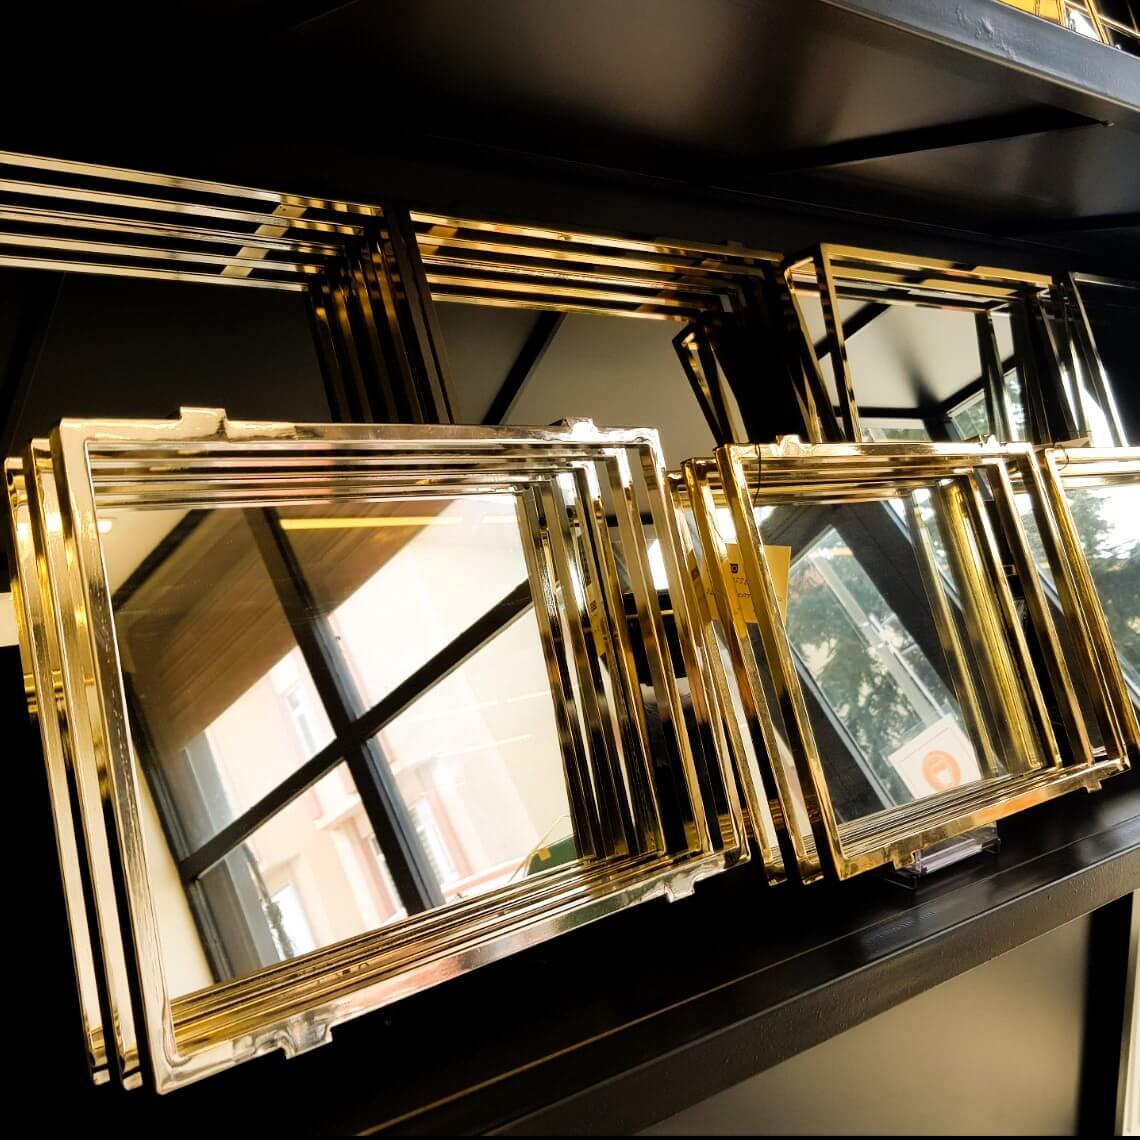 Dekoratif Lüks Üç Katlı Aynalı Sunum Tepsi Dekoratif Ürünler